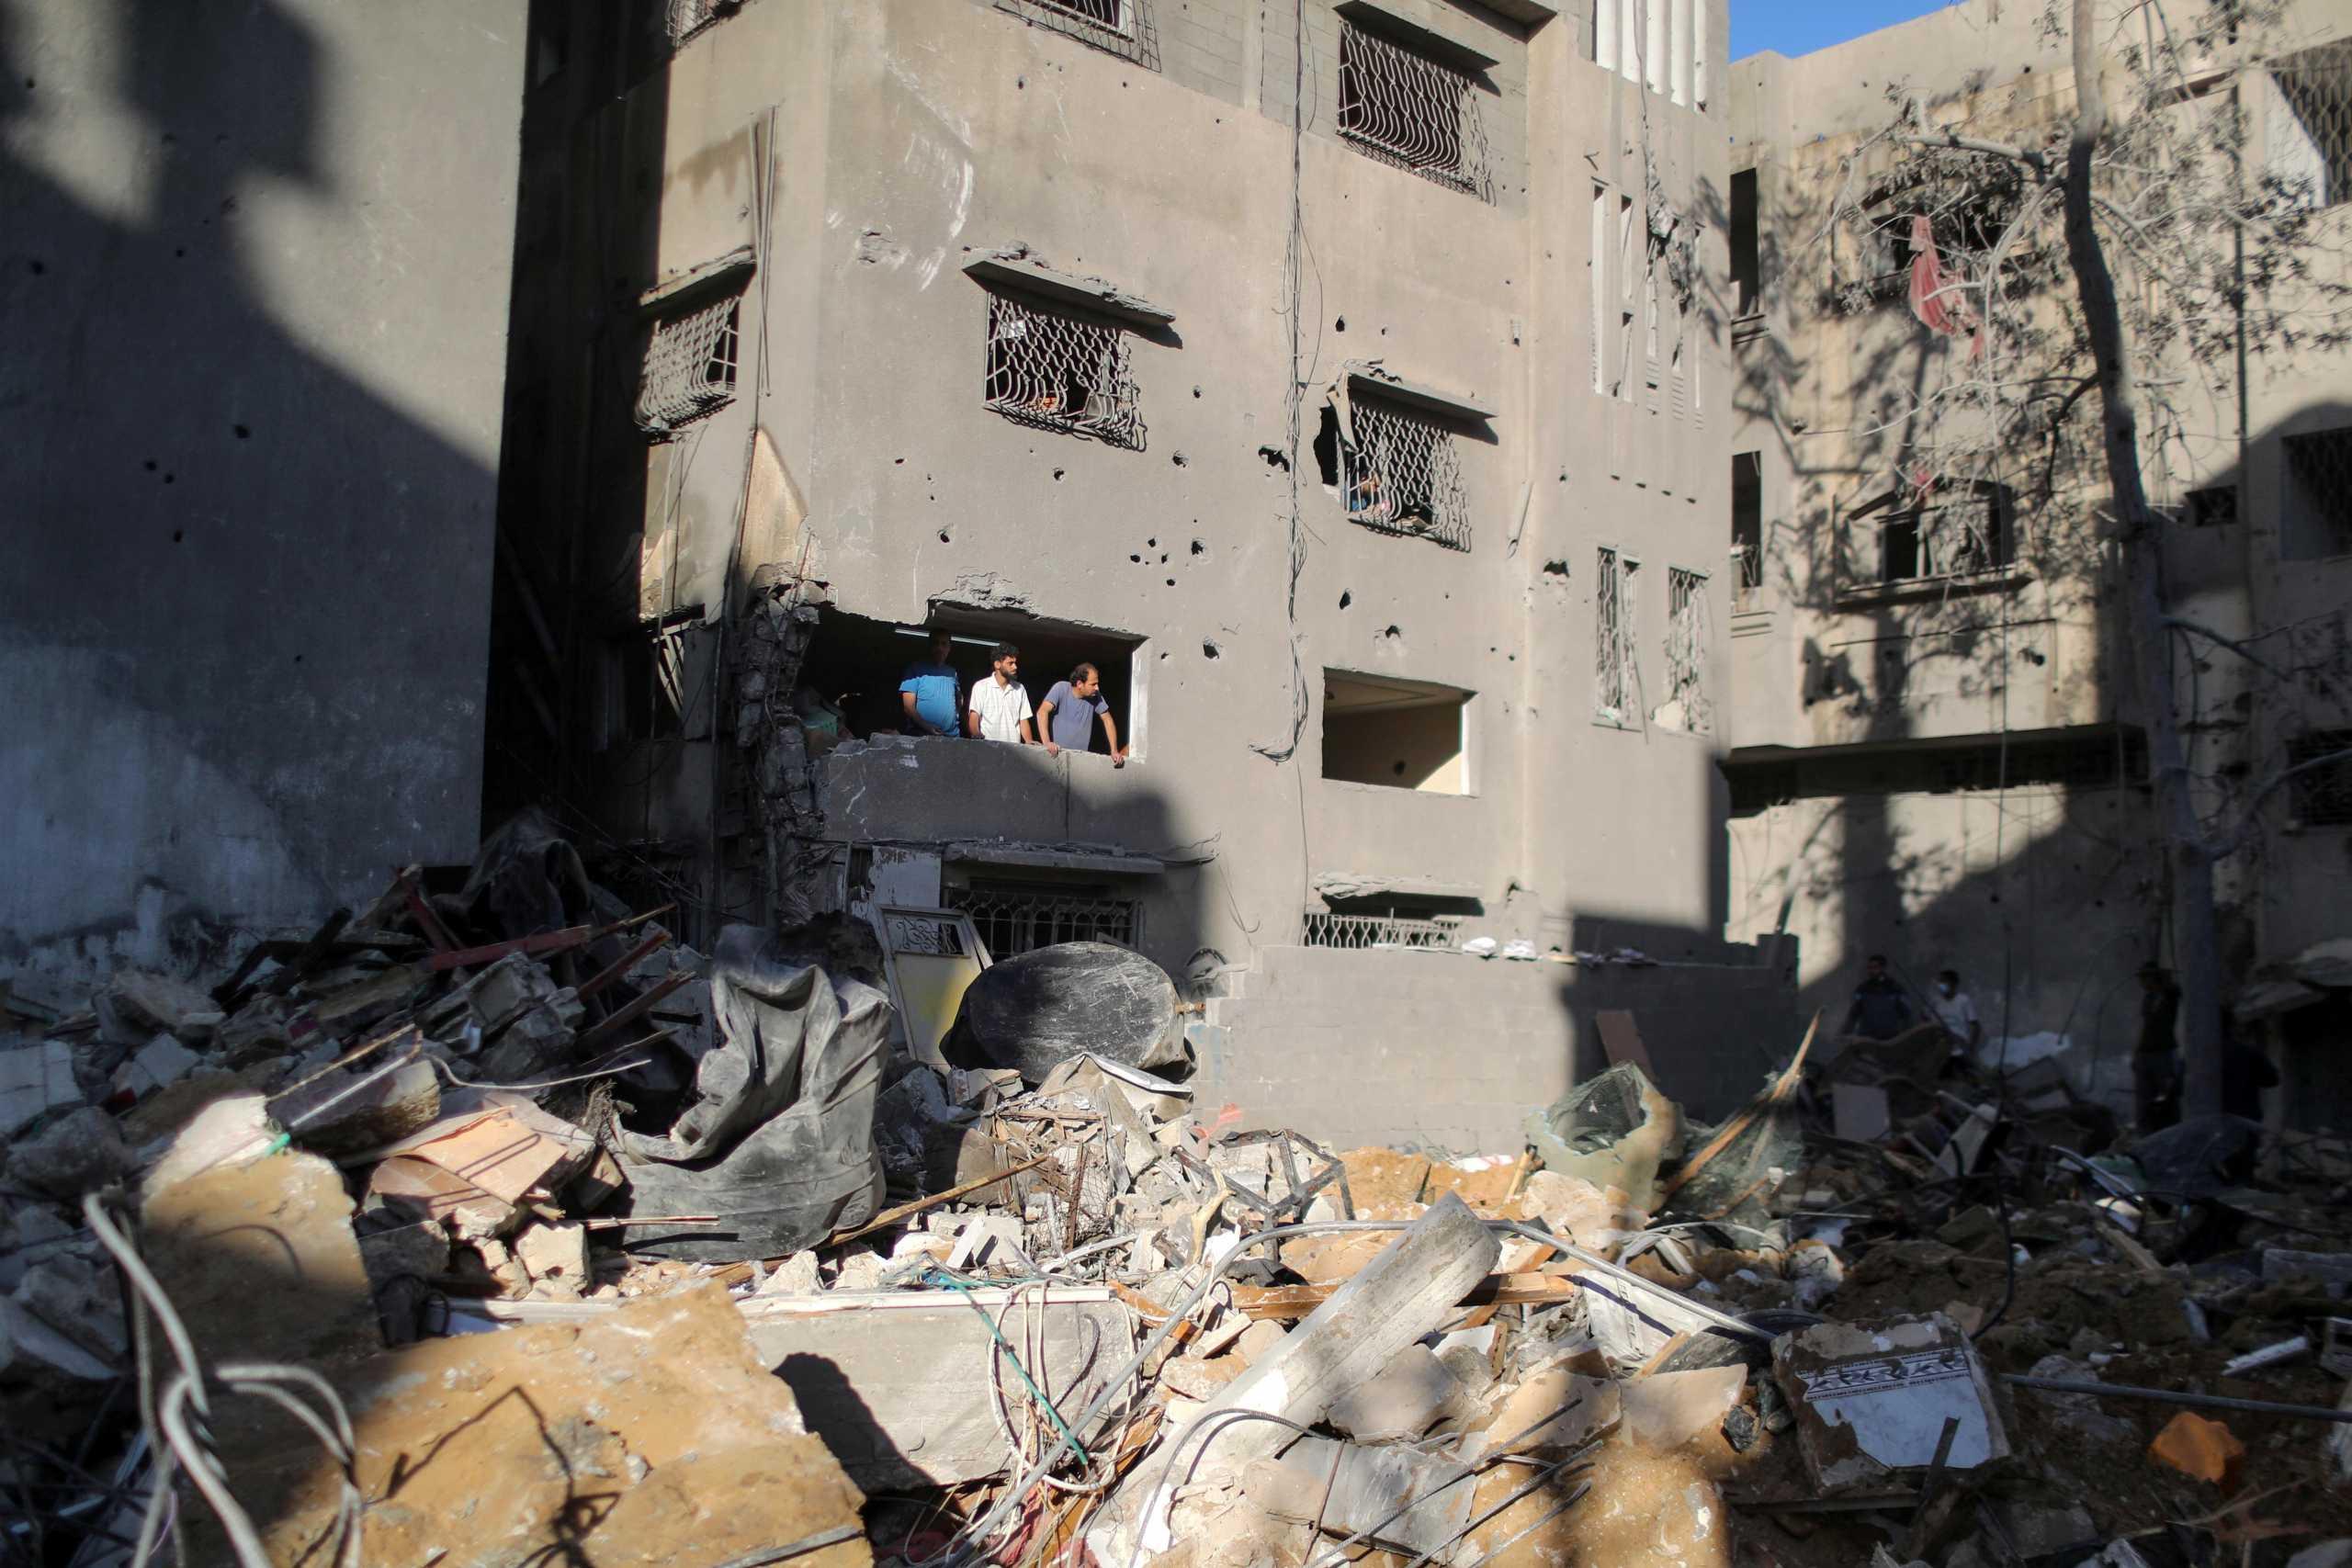 Λωρίδα της Γάζας: 10μελής οικογένεια με 8 παιδιά ξεκληρίστηκε από τα Ισραηλινά πυρά